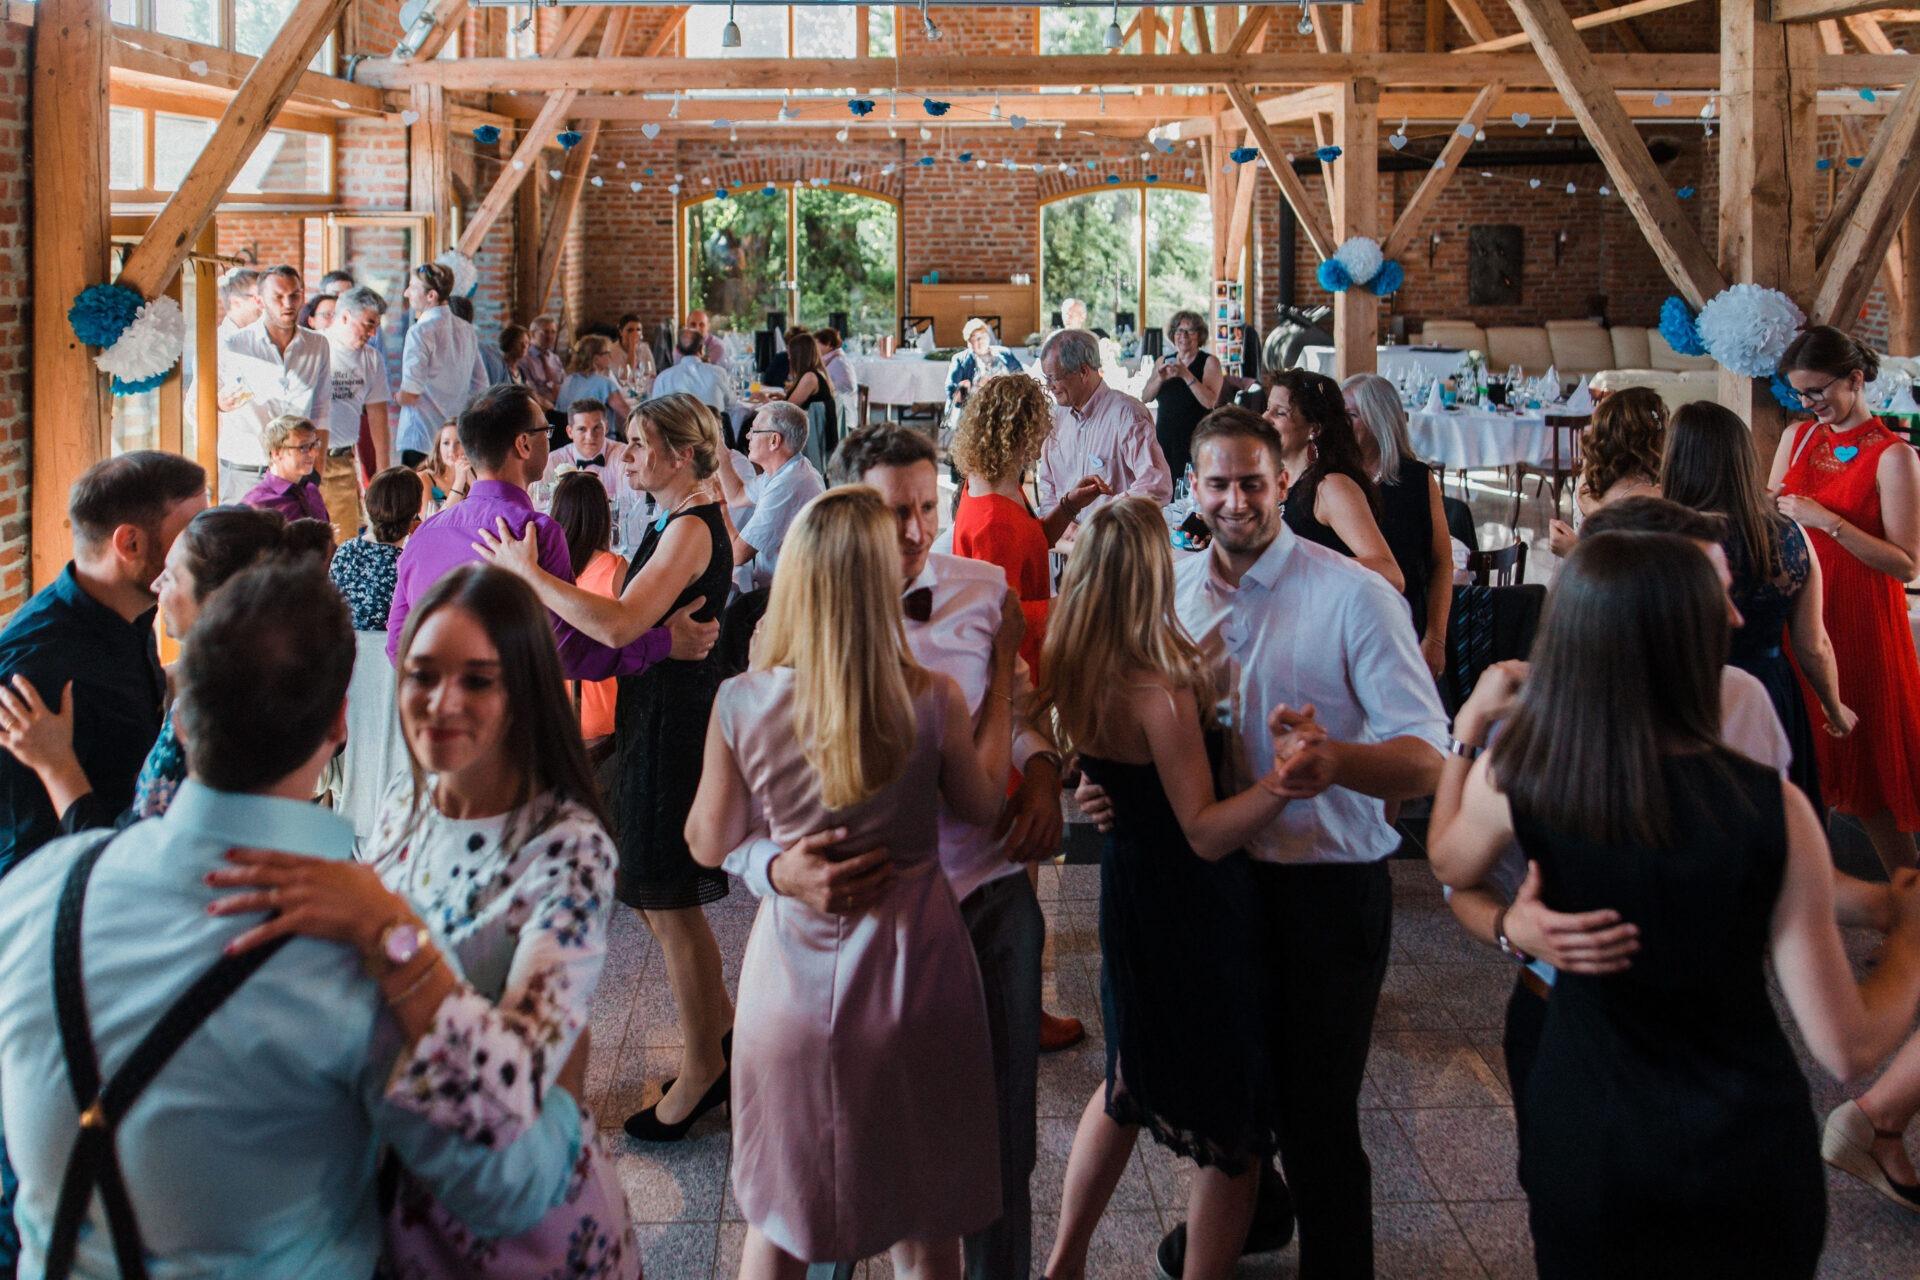 Paartanz auf einer Hochzeit